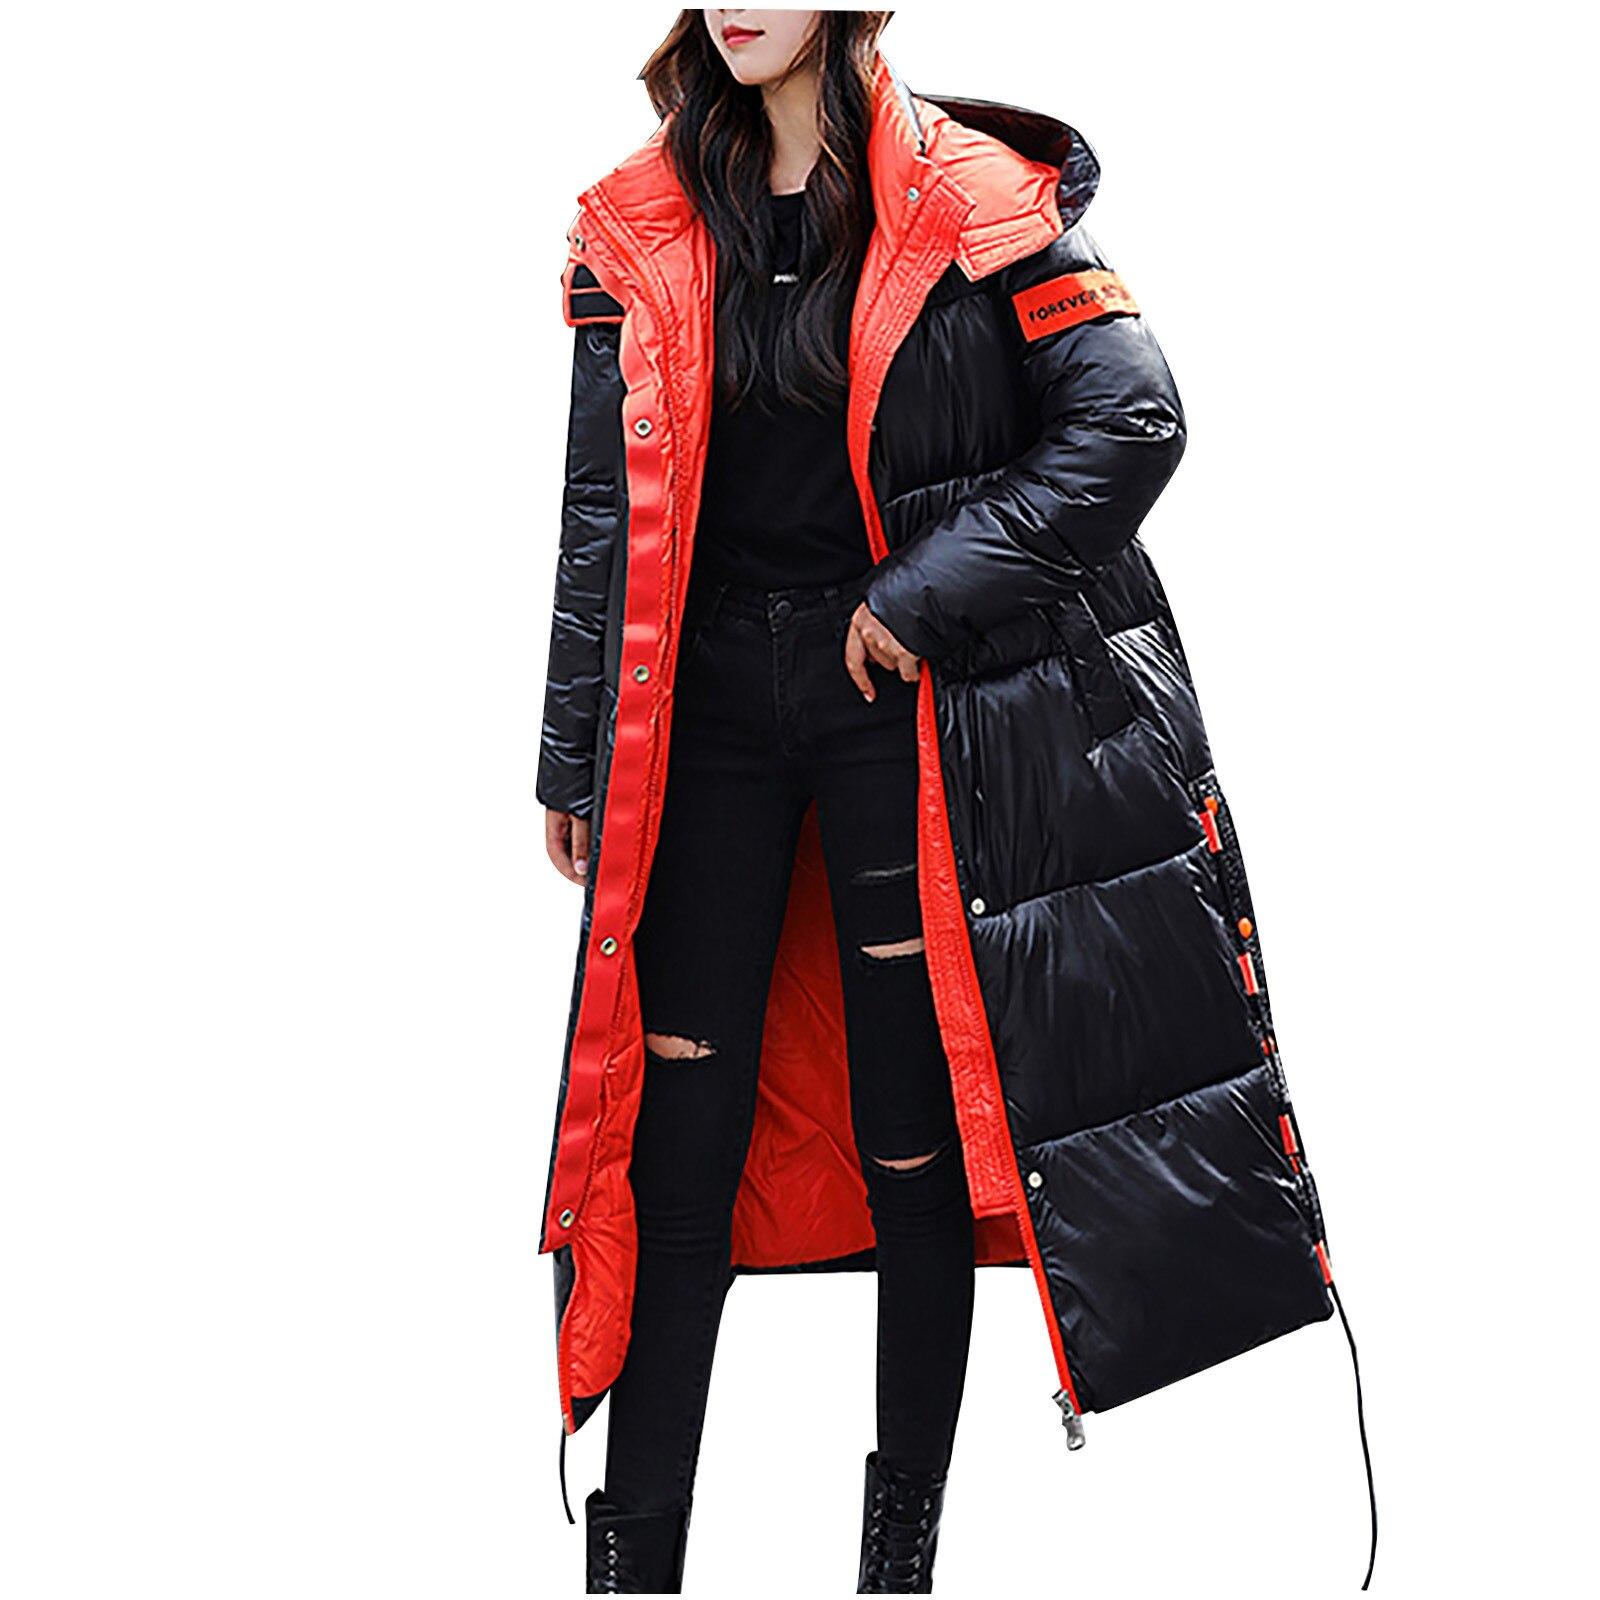 Модные зимние женские длинные глянцевые пуховики выше колена, пальто с капюшоном, парки, толстая зимняя куртка, женская верхняя одежда # T2G